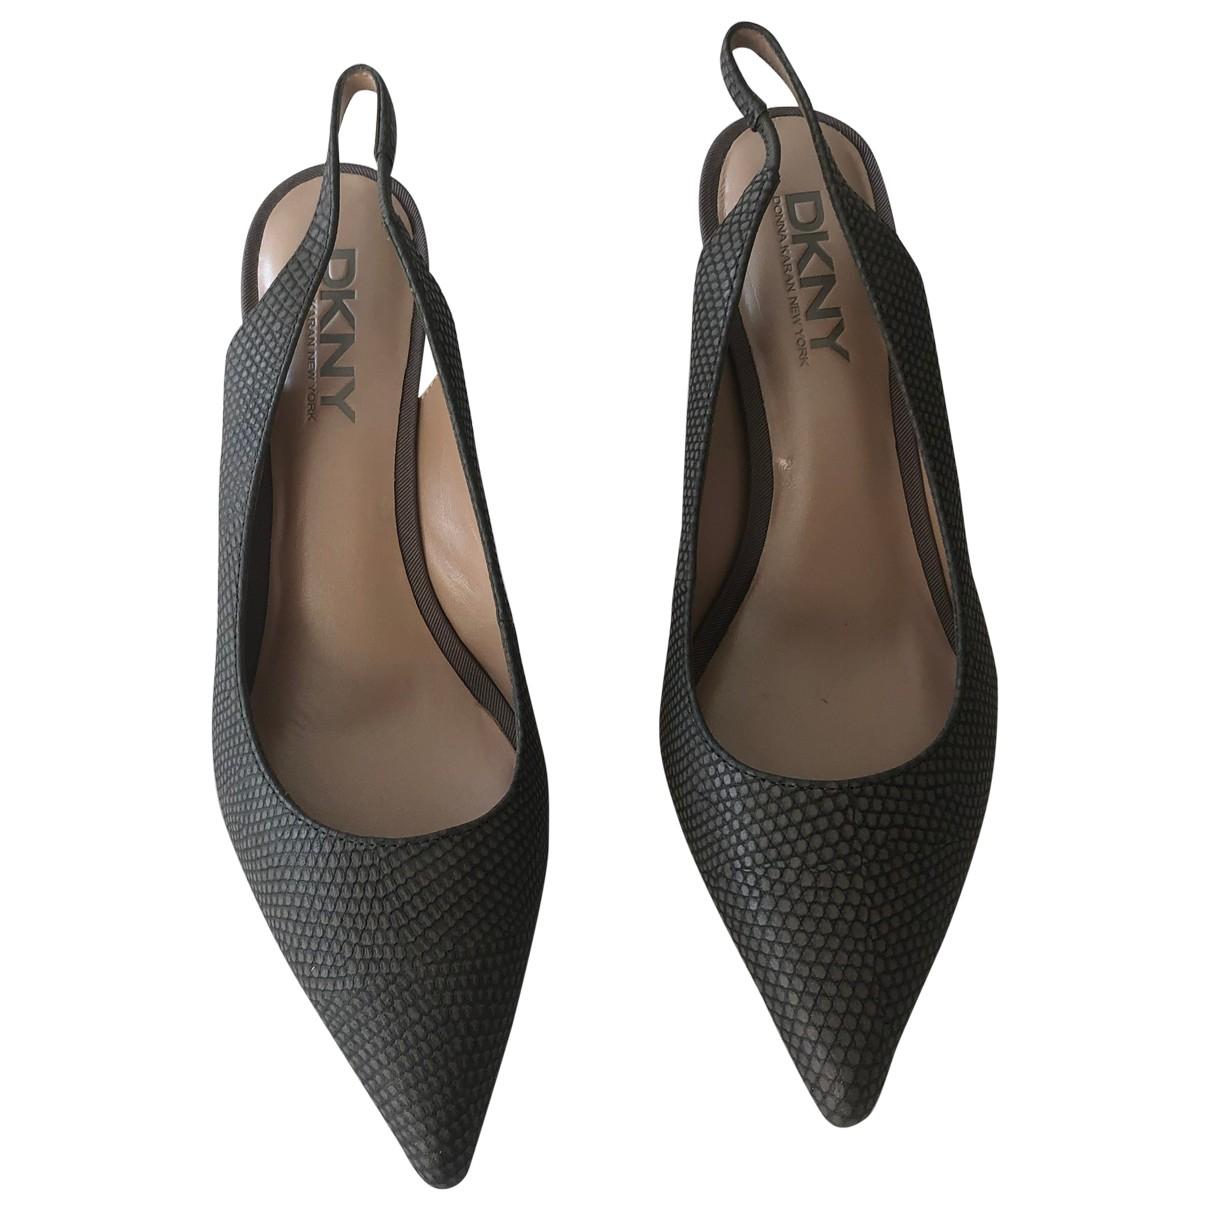 Dkny - Escarpins   pour femme en cuir - gris